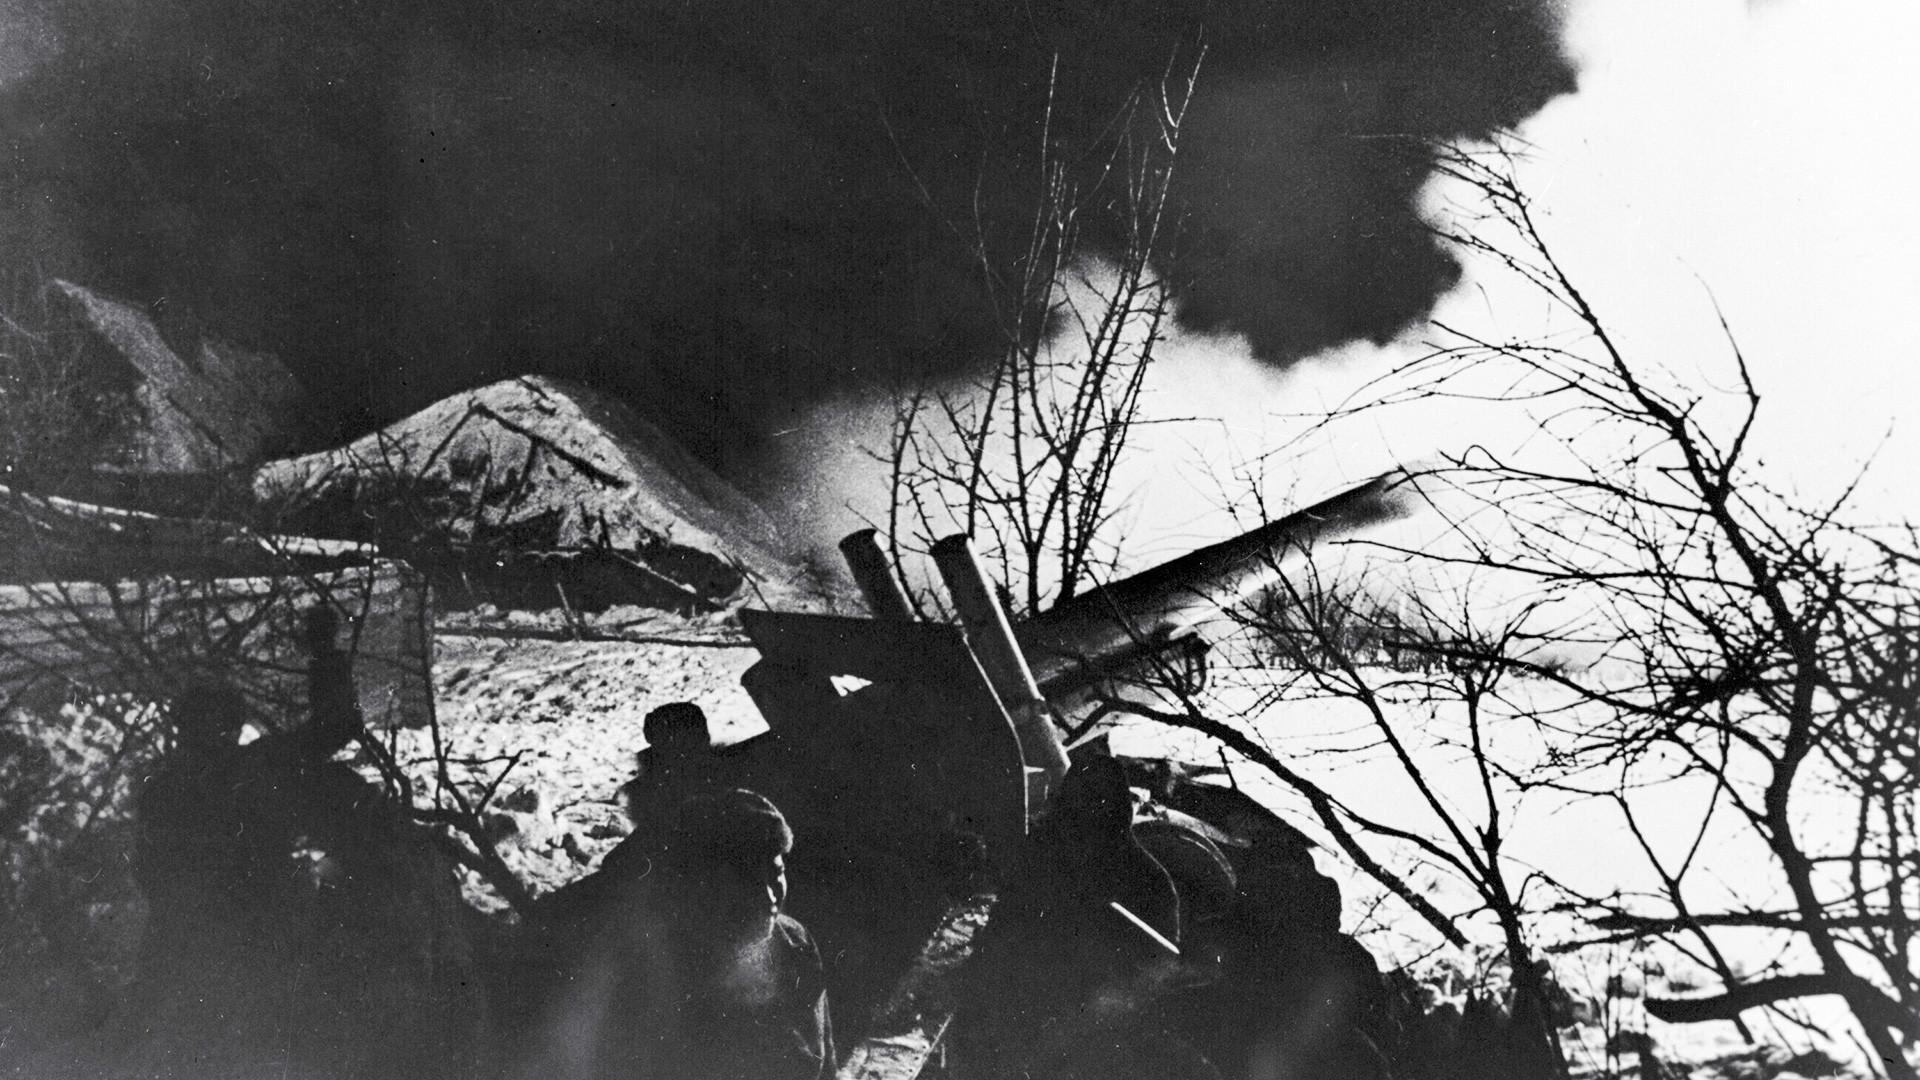 Големата татковинска војна 1941-1945. Артилериско оружје на огнена положба на приодот кон Москва. 1.11.1941